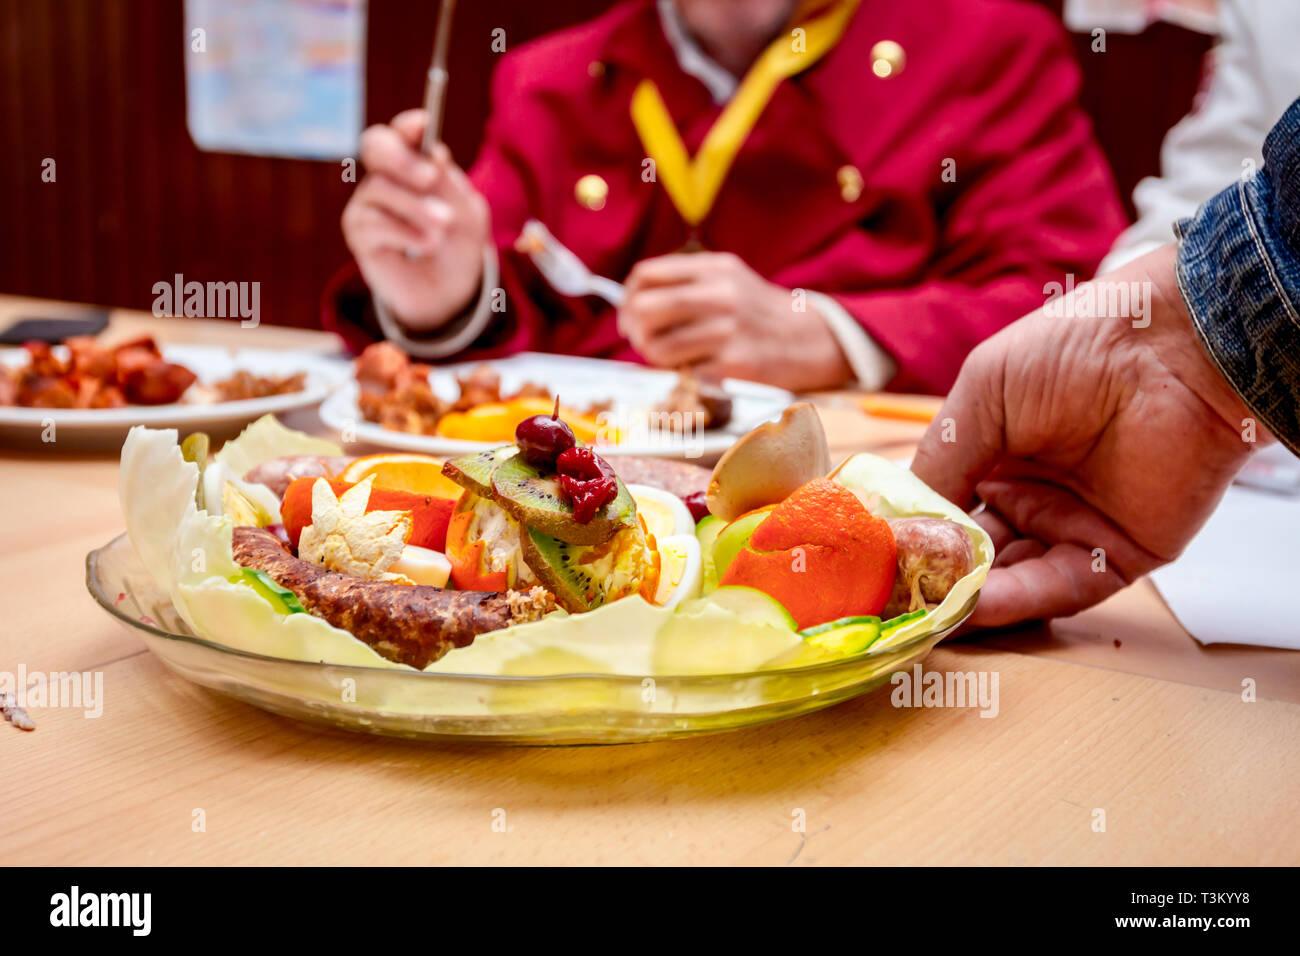 Les juges vont évaluer les meilleures saucisses avec des légumes frais qui sont exposés sur la saucisse traditionnel tournoi. Photo Stock